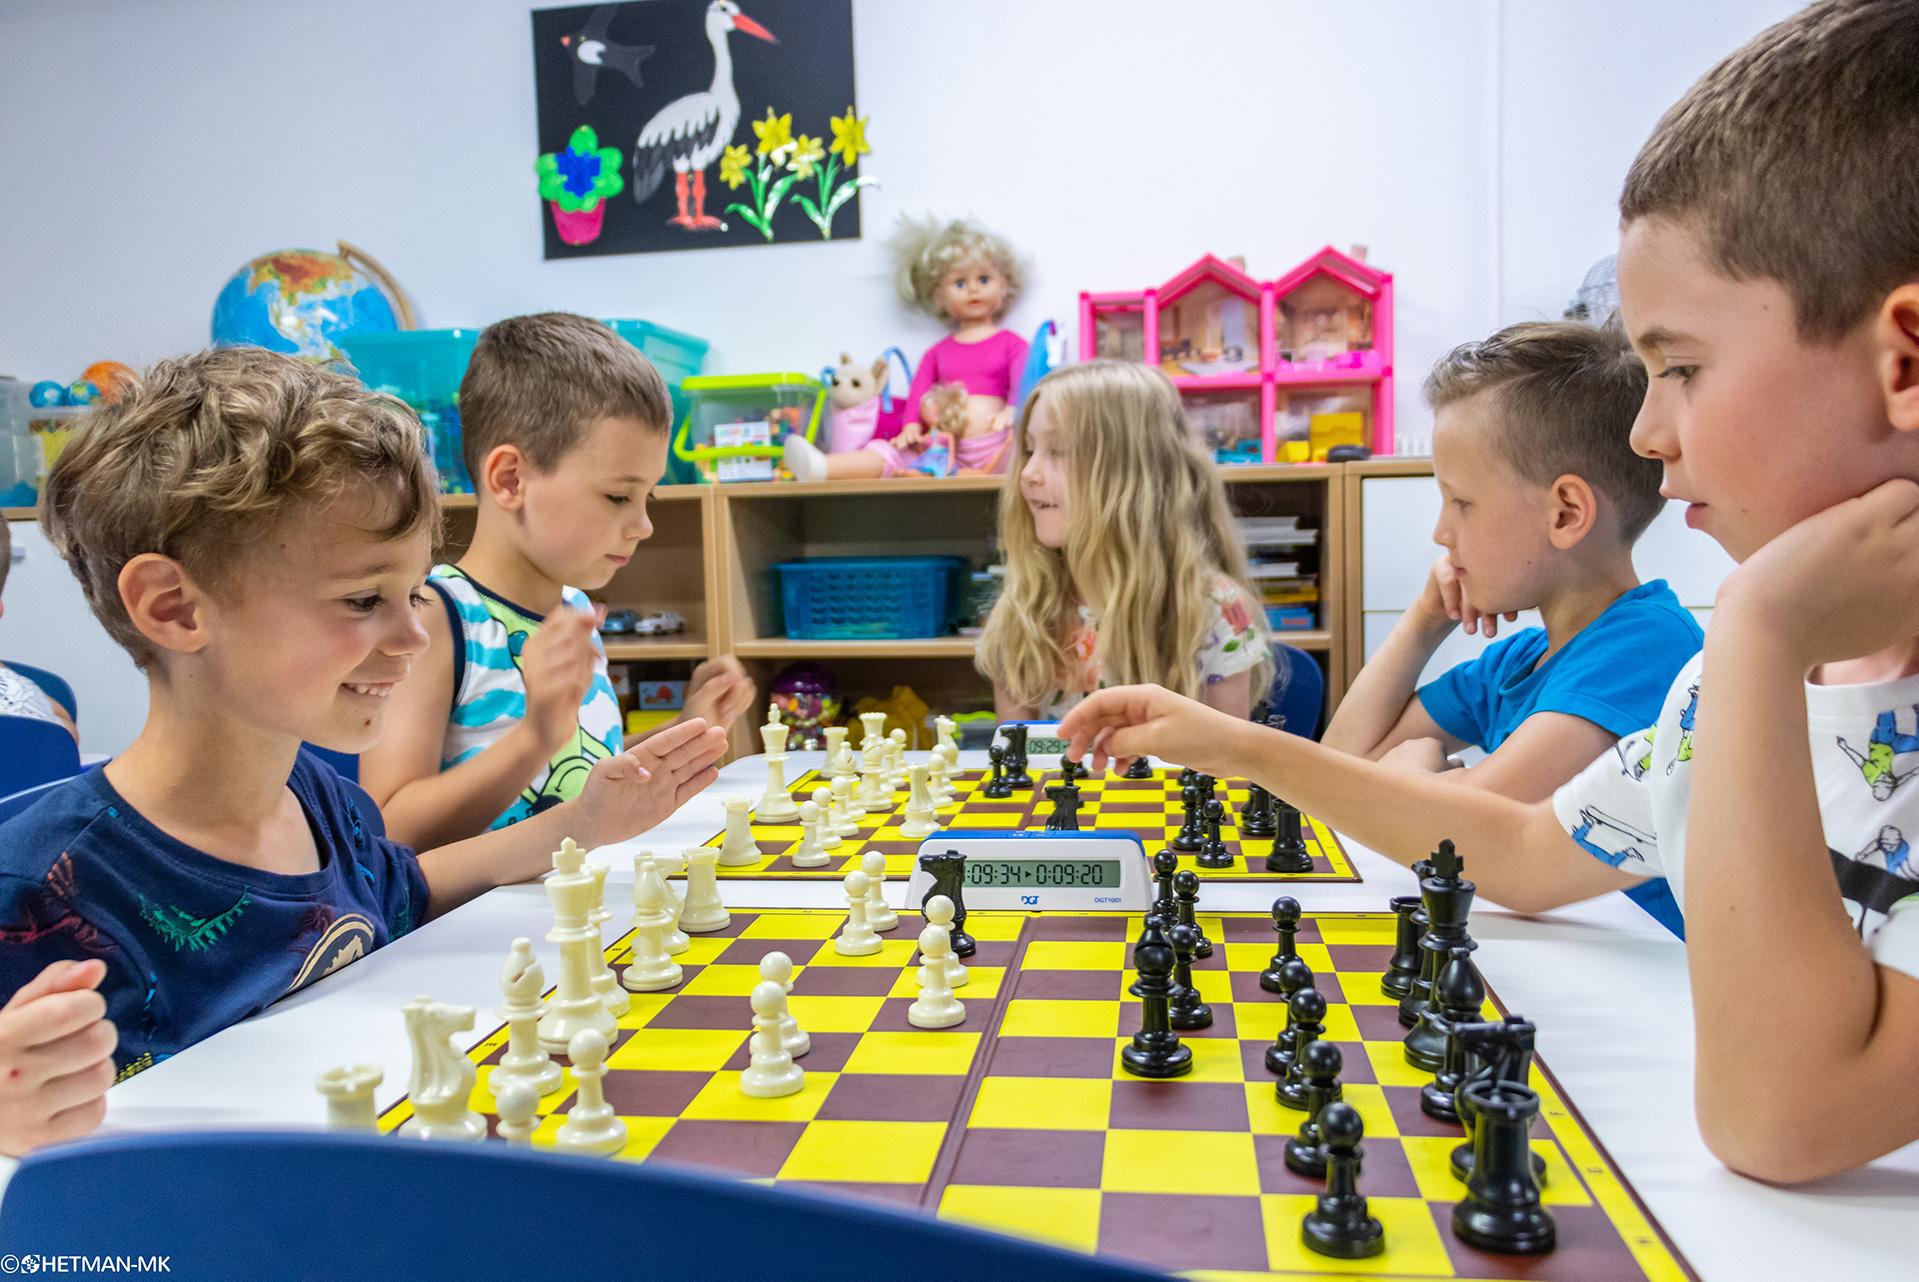 IX Turniej Szachowy o Mistrzostwo Przedszkola Europejska Akademia Dziecka, Świdnica, 12.06.2019